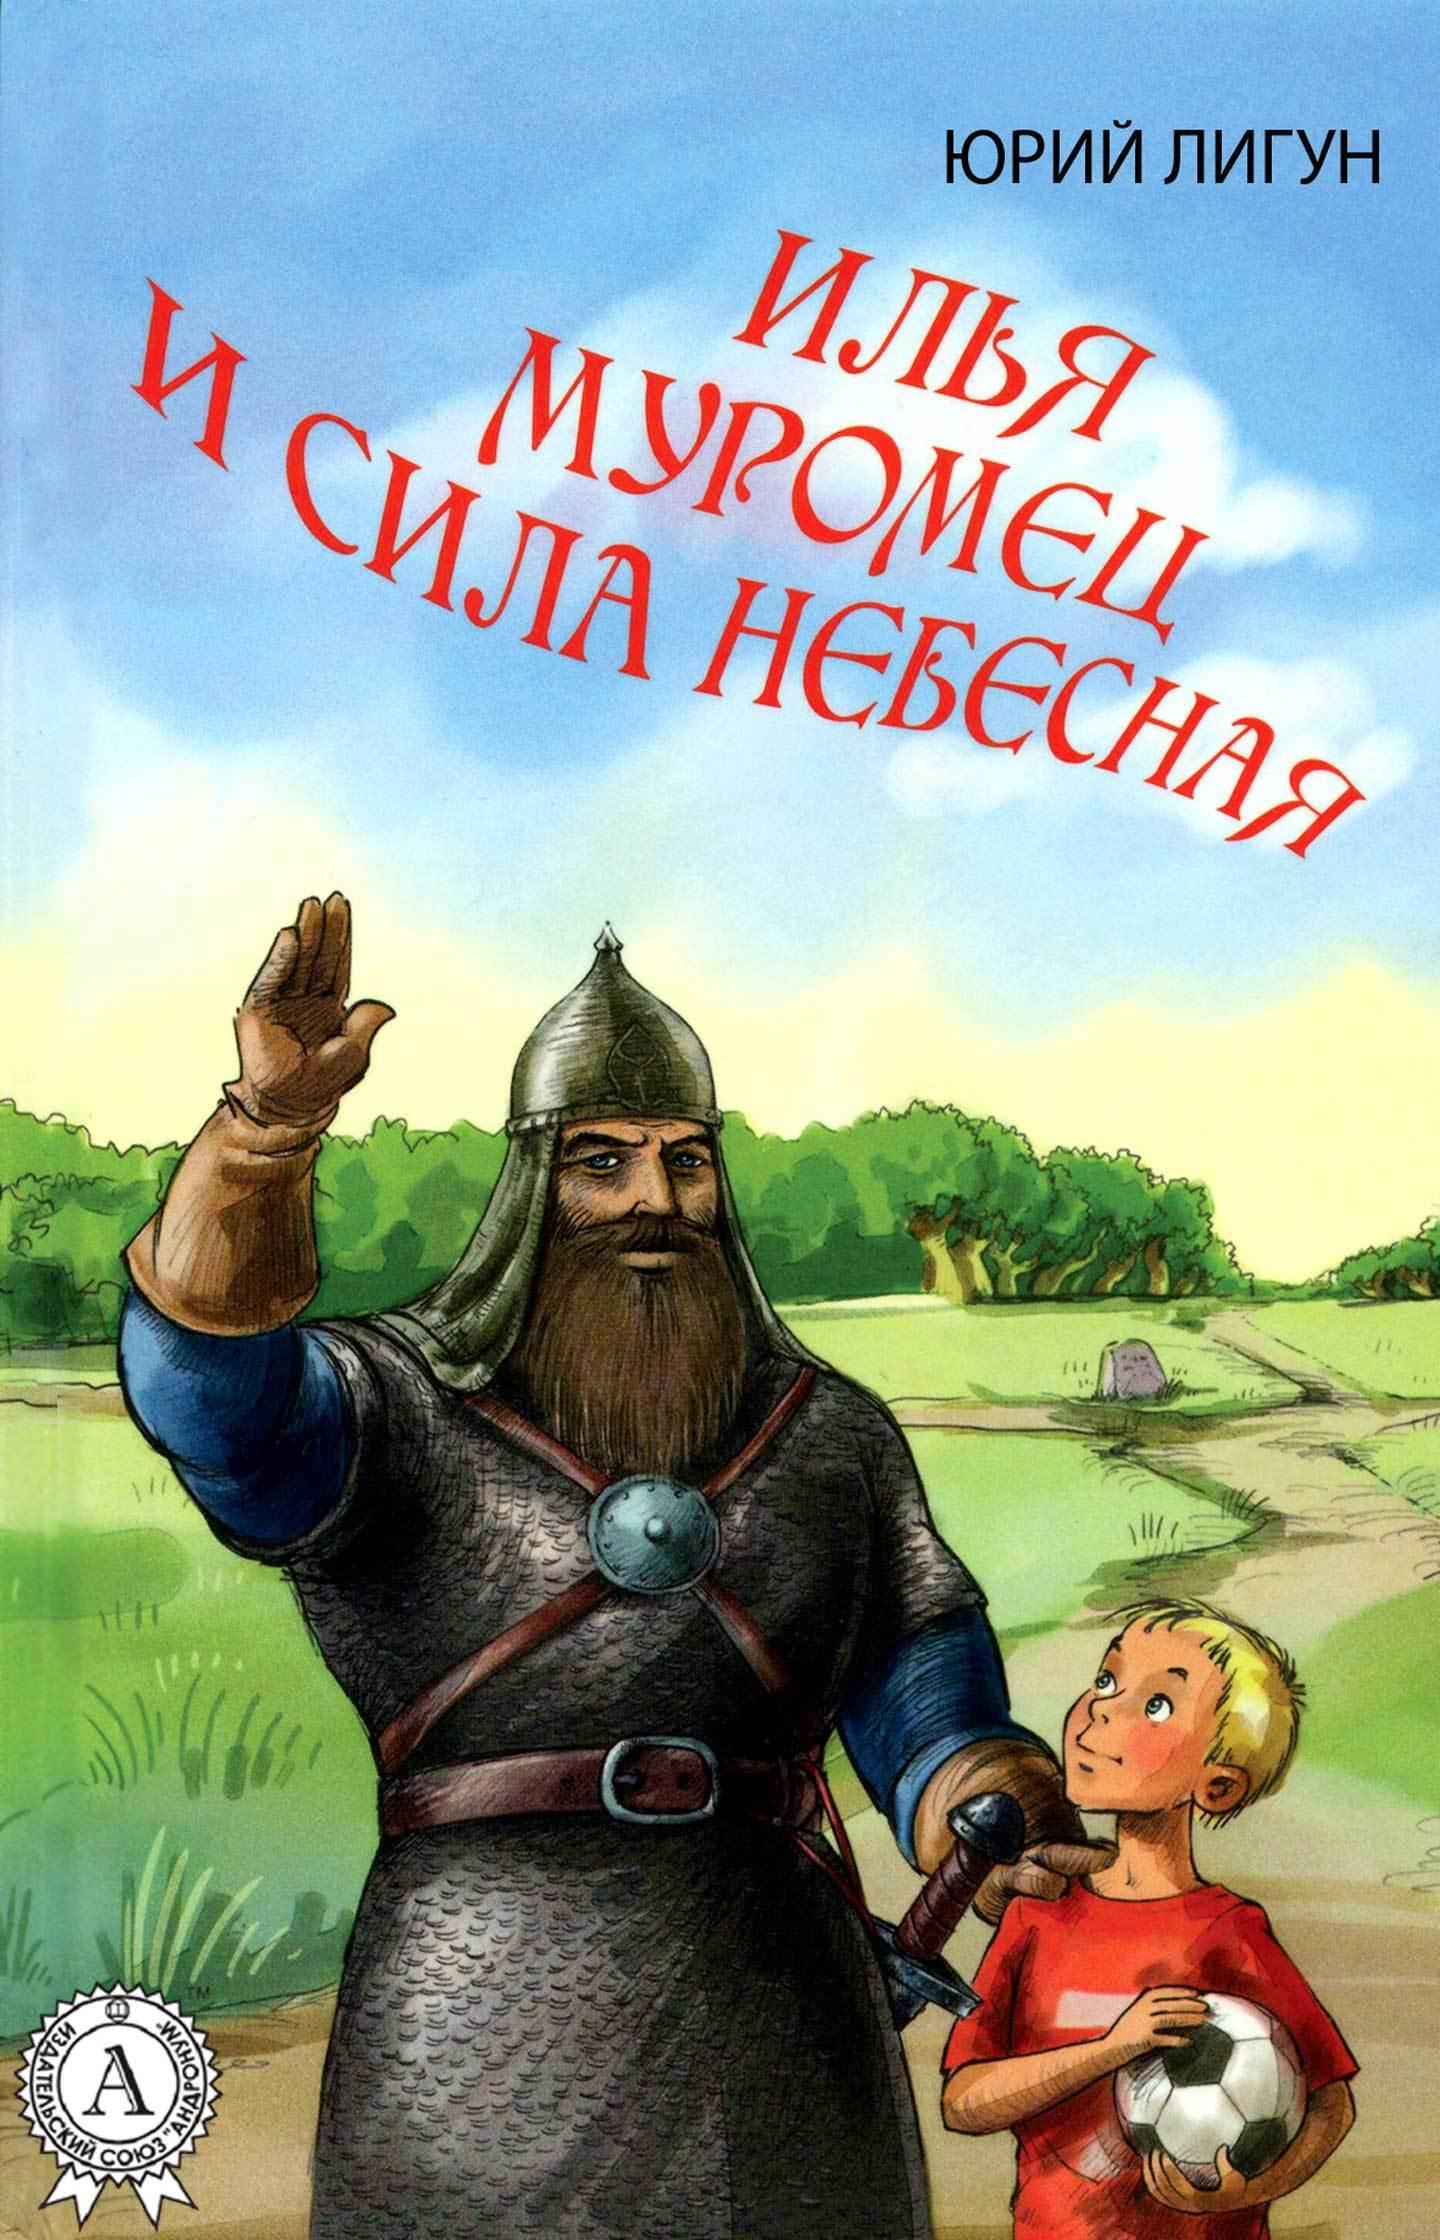 Купить книгу Илья Муромец и Сила небесная, автора Юрия Лигуна